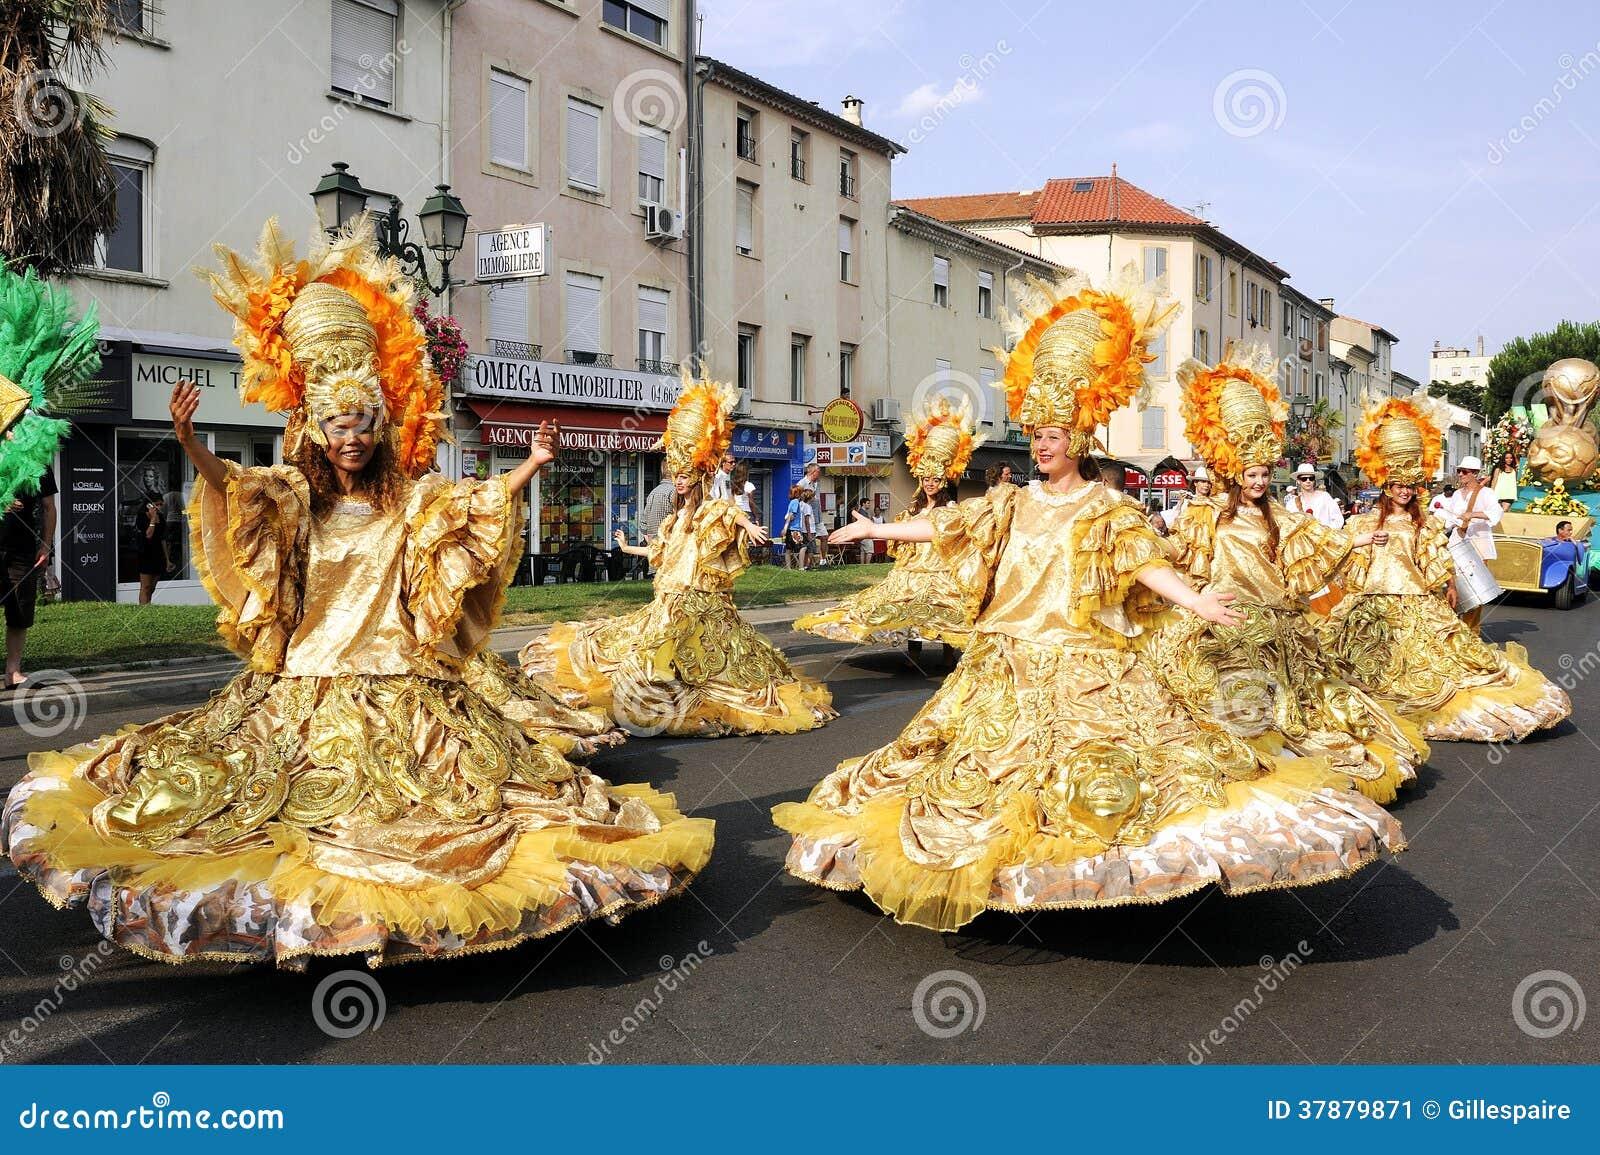 Carnaval Alès